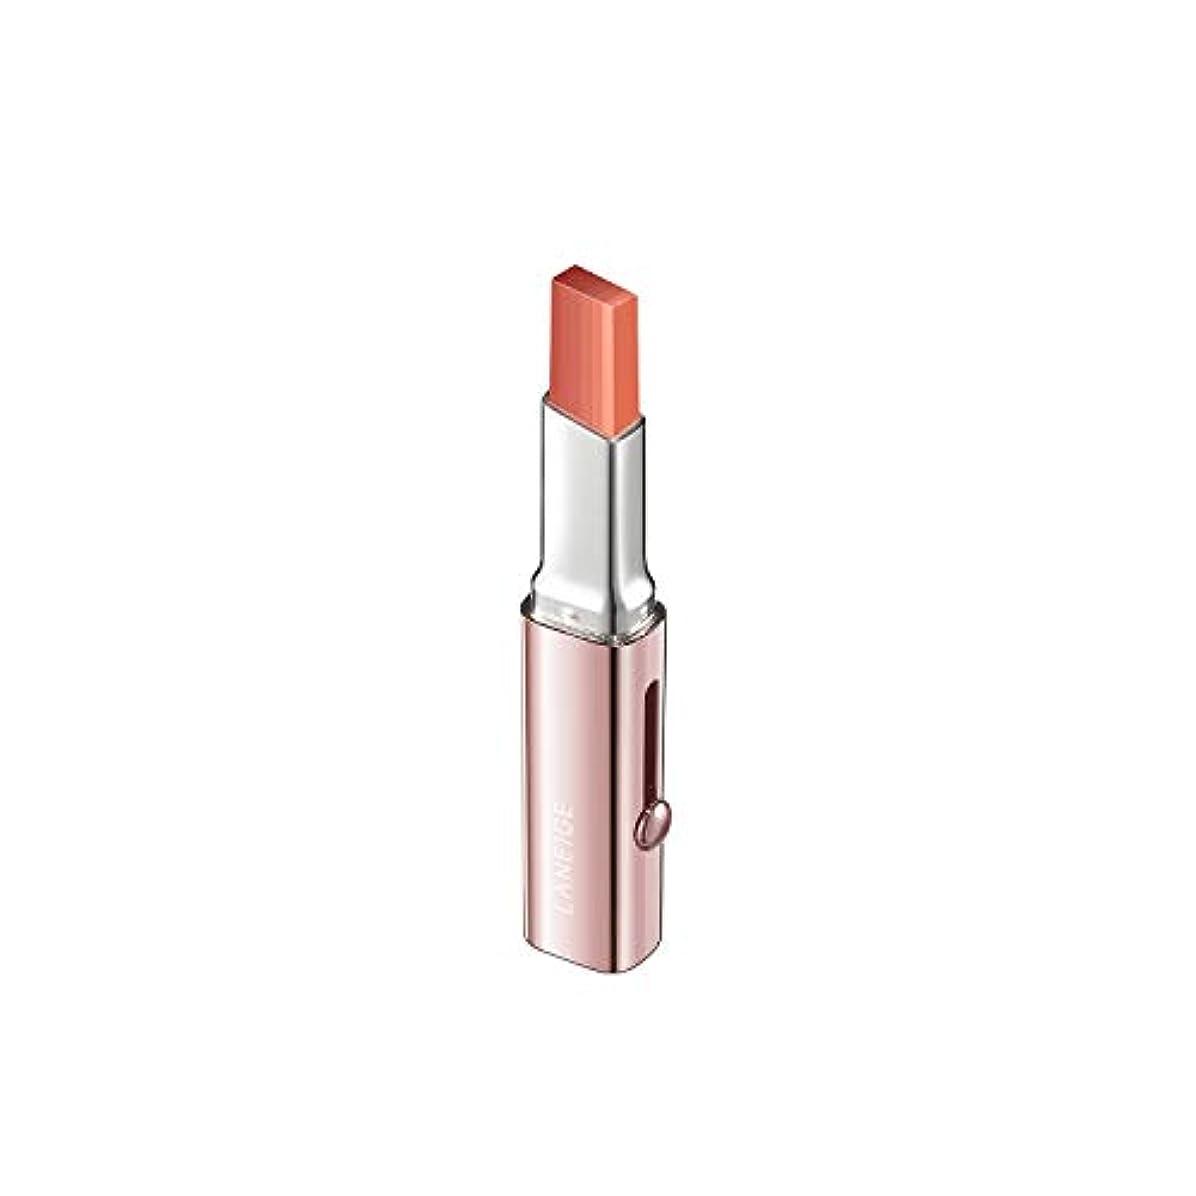 協同逃げる波紋【ラネージュ】階層リップバー(1.9G)/ Layering Lip Bar-6つのカラーでのグラデーションカラー演出 (#16 LONELY CORAL)